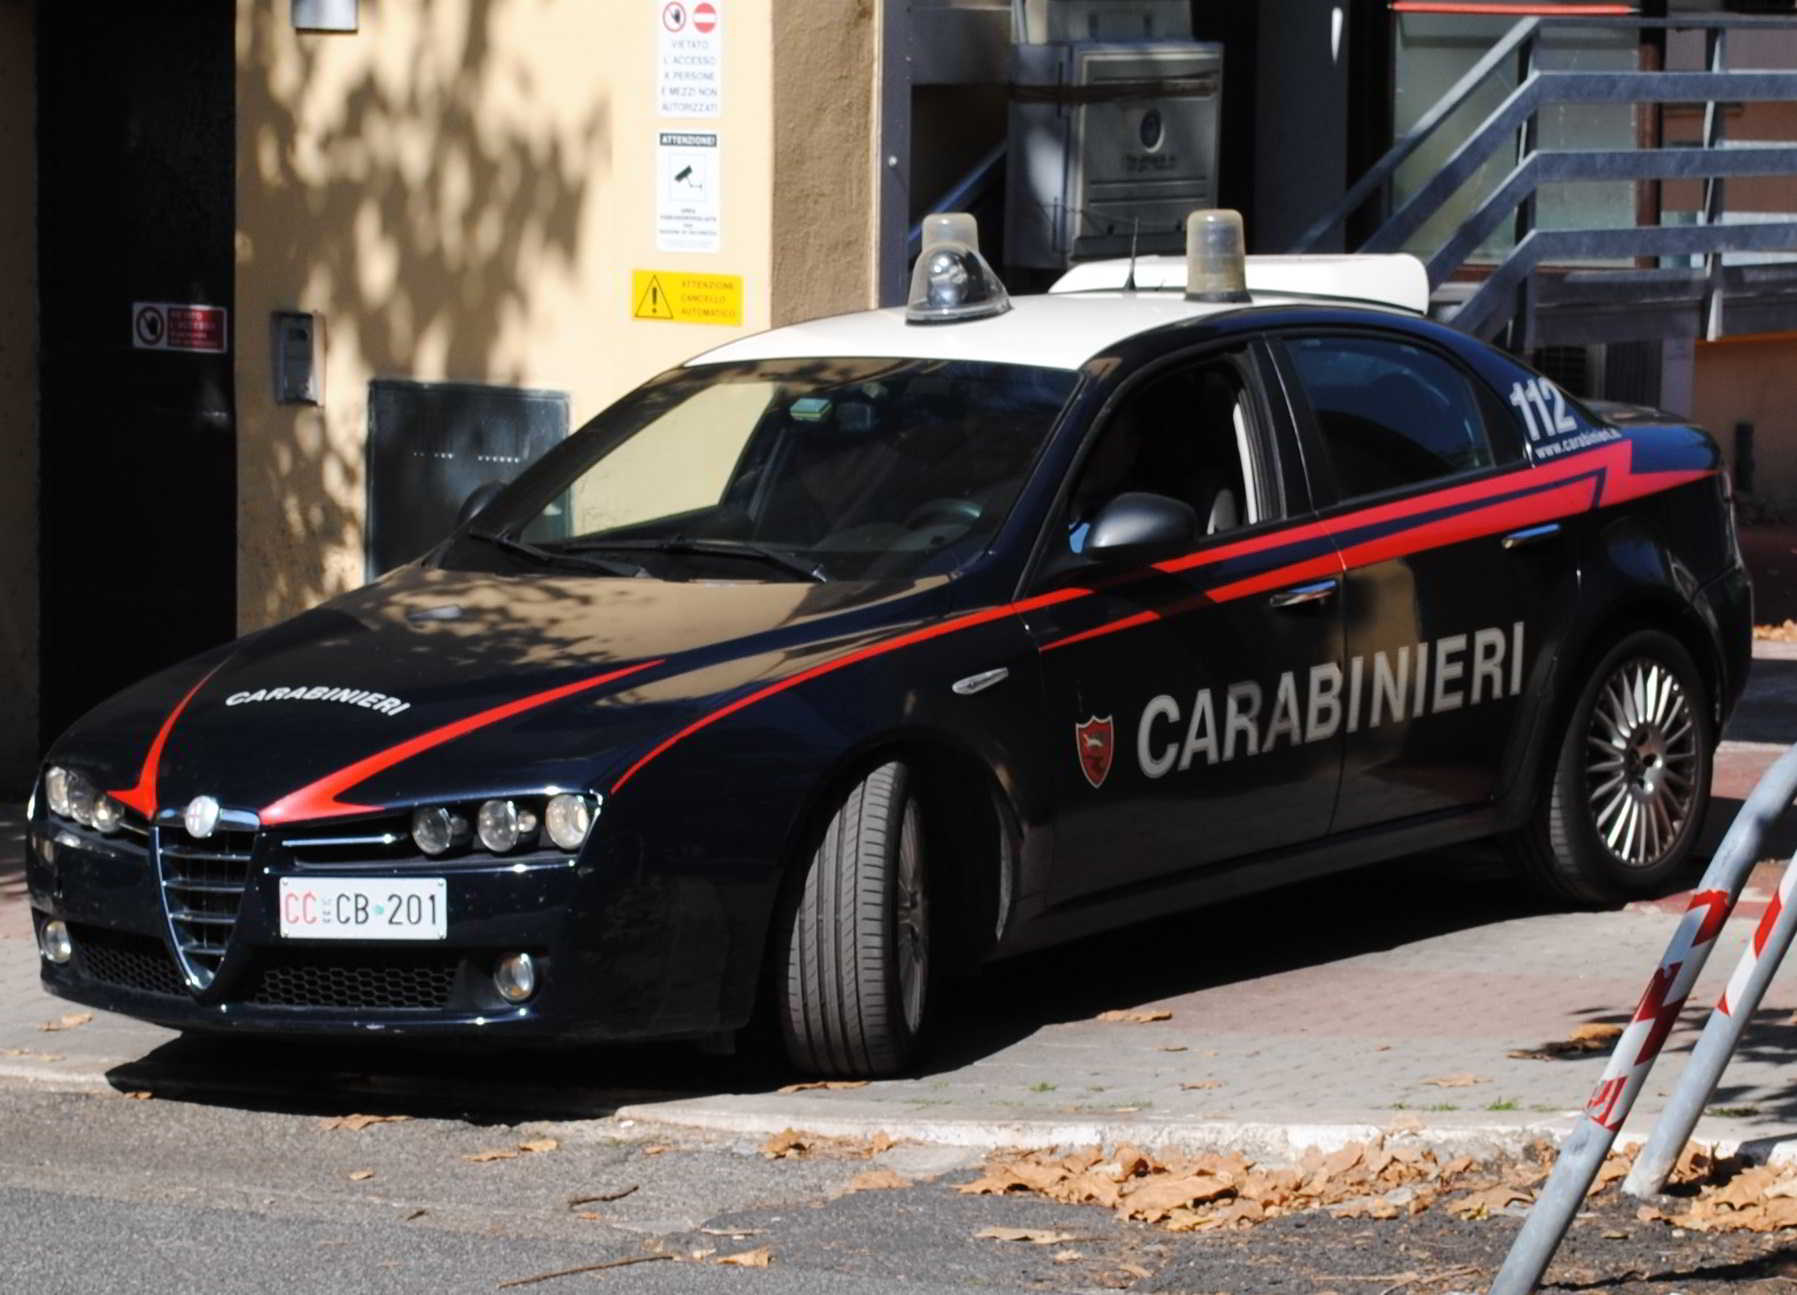 Nigeriano rapina un giovane e aggredisce i Carabinieri intervenuti: arrestato